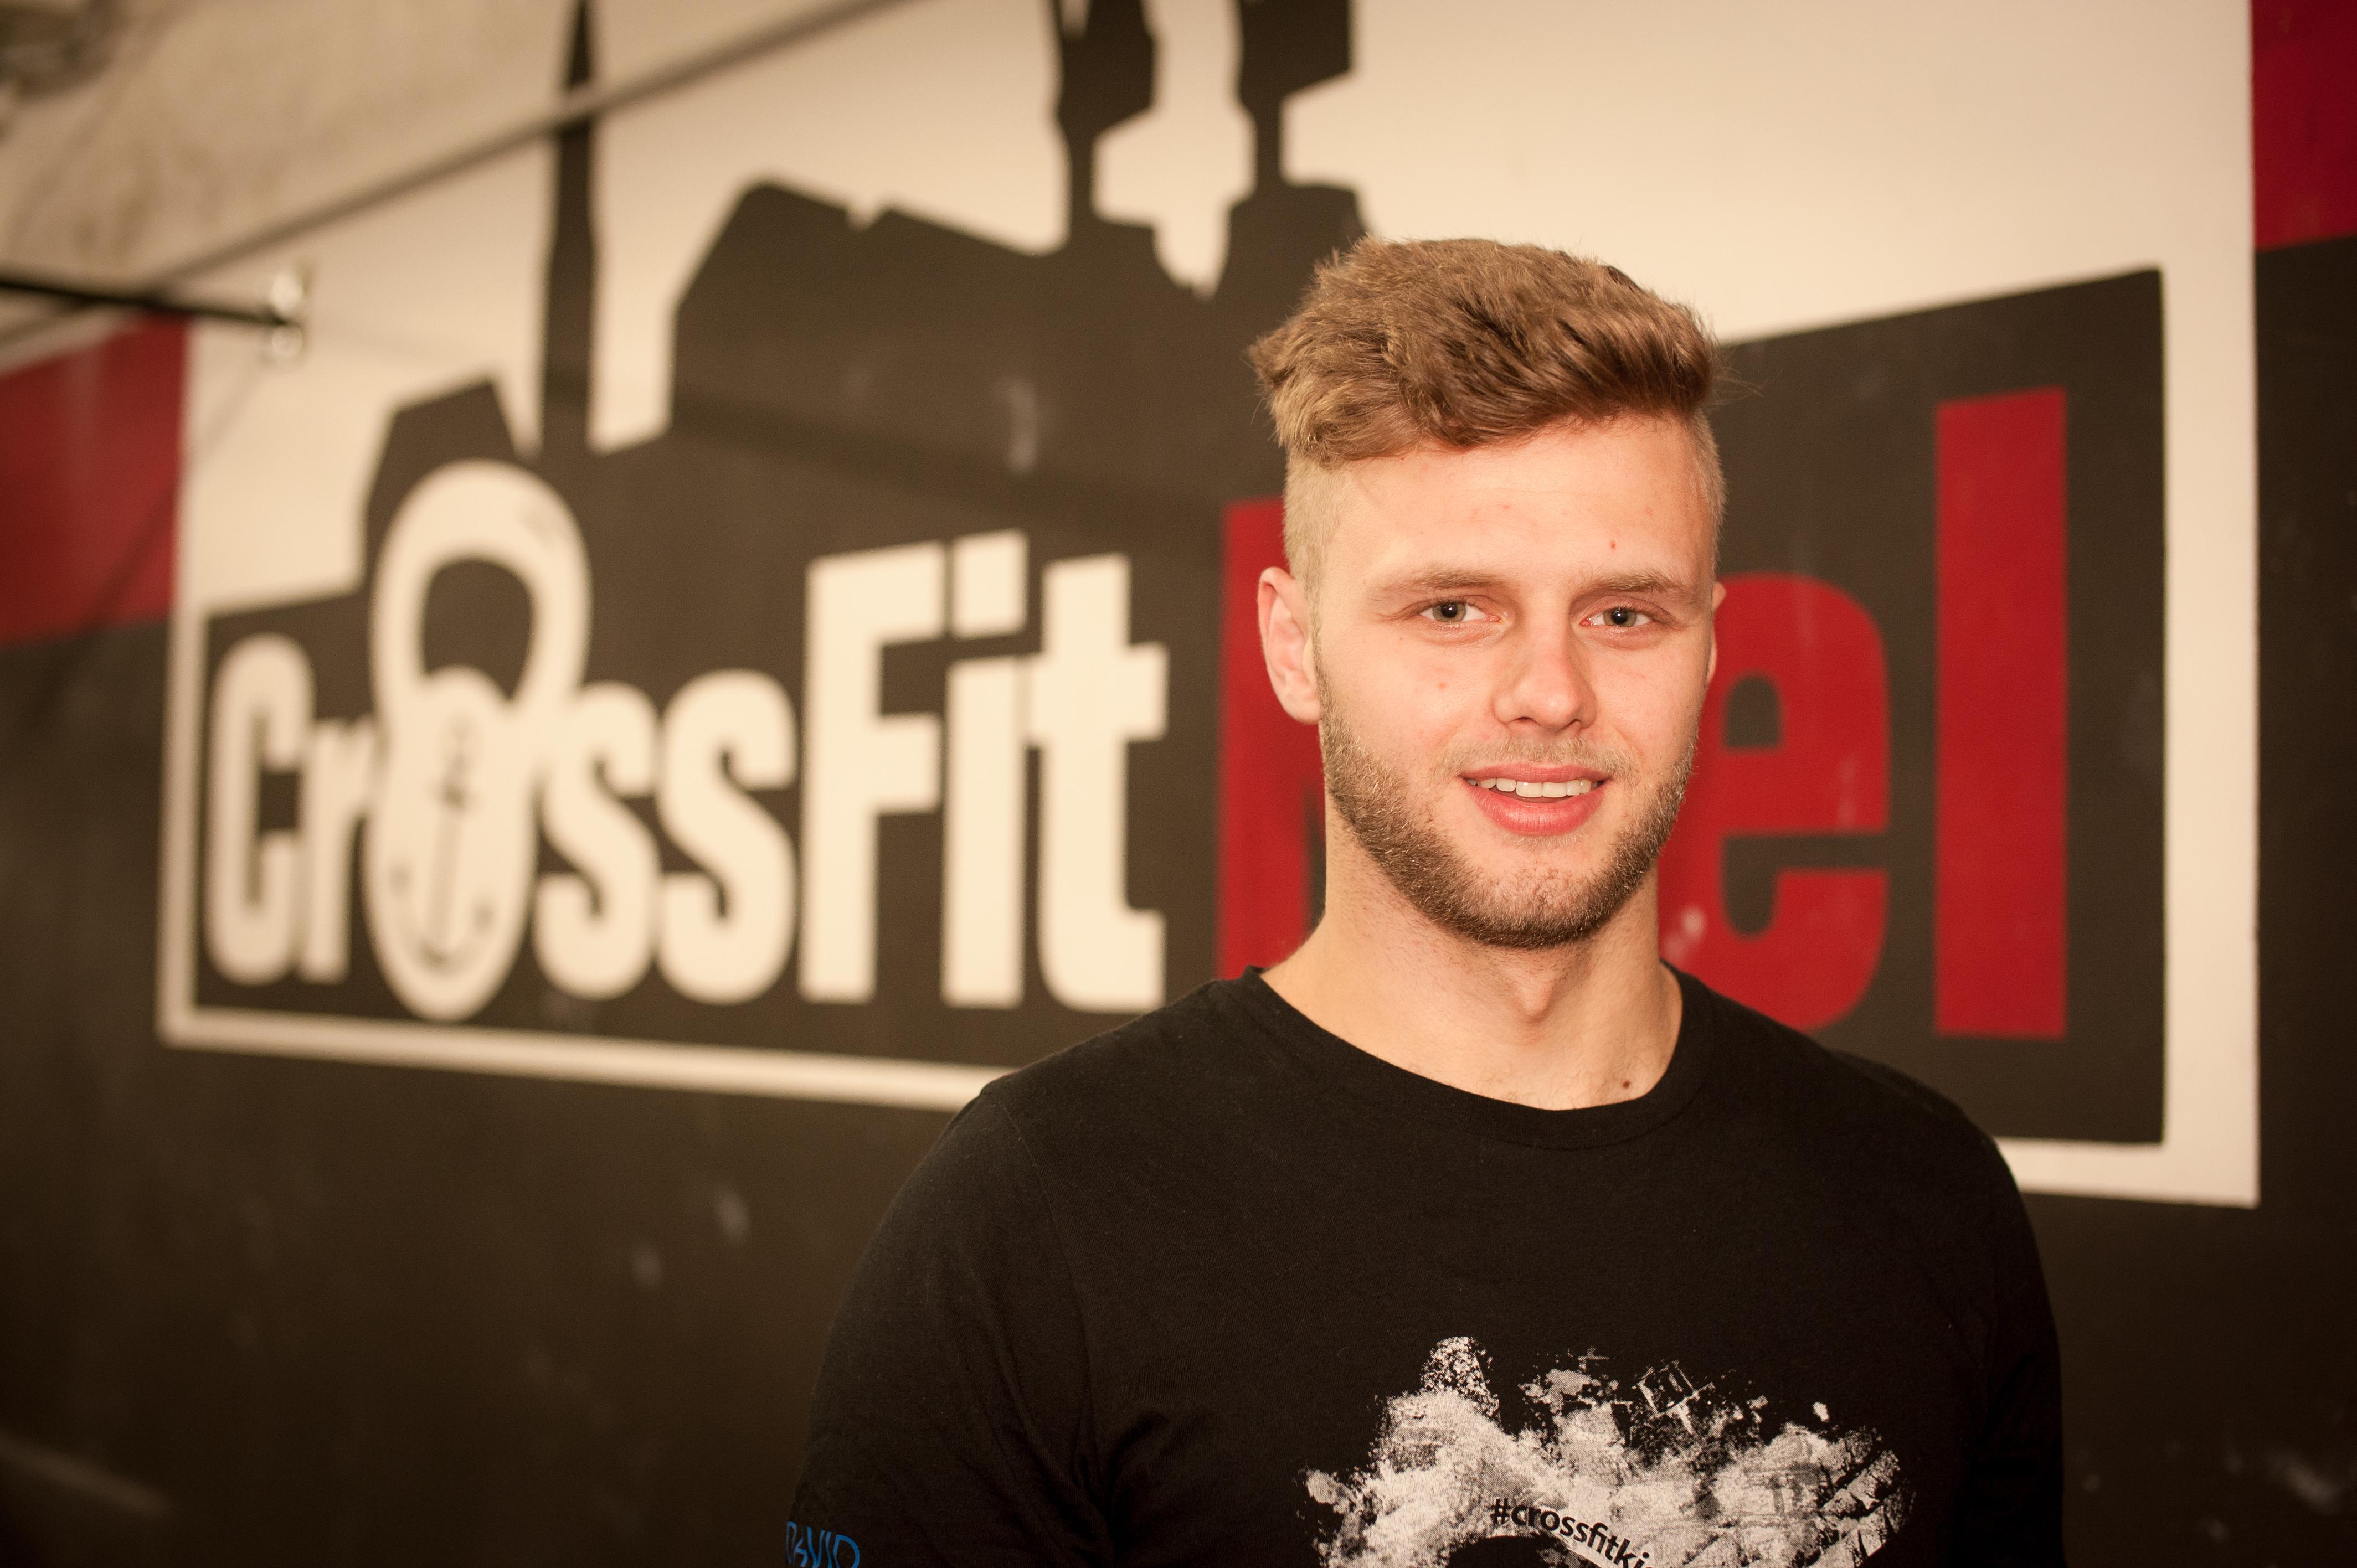 Konstantin Kruschel